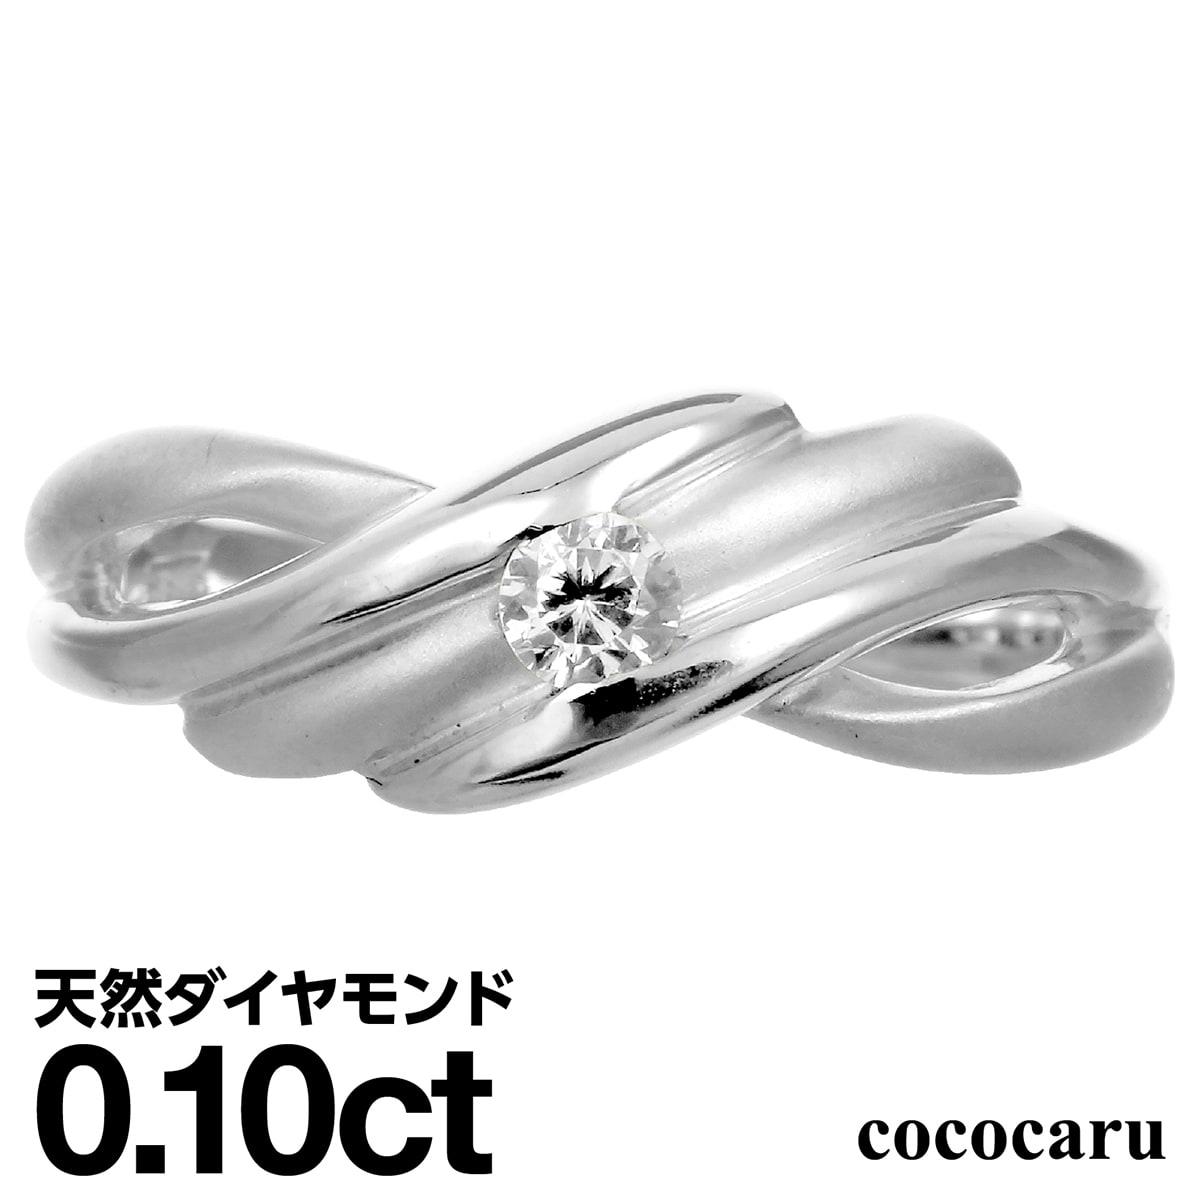 指輪 pt900 毎週更新 女性 20代 30代 40代 50代 60代 ダイヤモンド リング プラチナ900 ギフト 品質保証書 日本製 別倉庫からの配送 smtb-s ダイヤモンドリング プレゼント 一粒 天然ダイヤ 金属アレルギー ファッションリング ホワイトデー